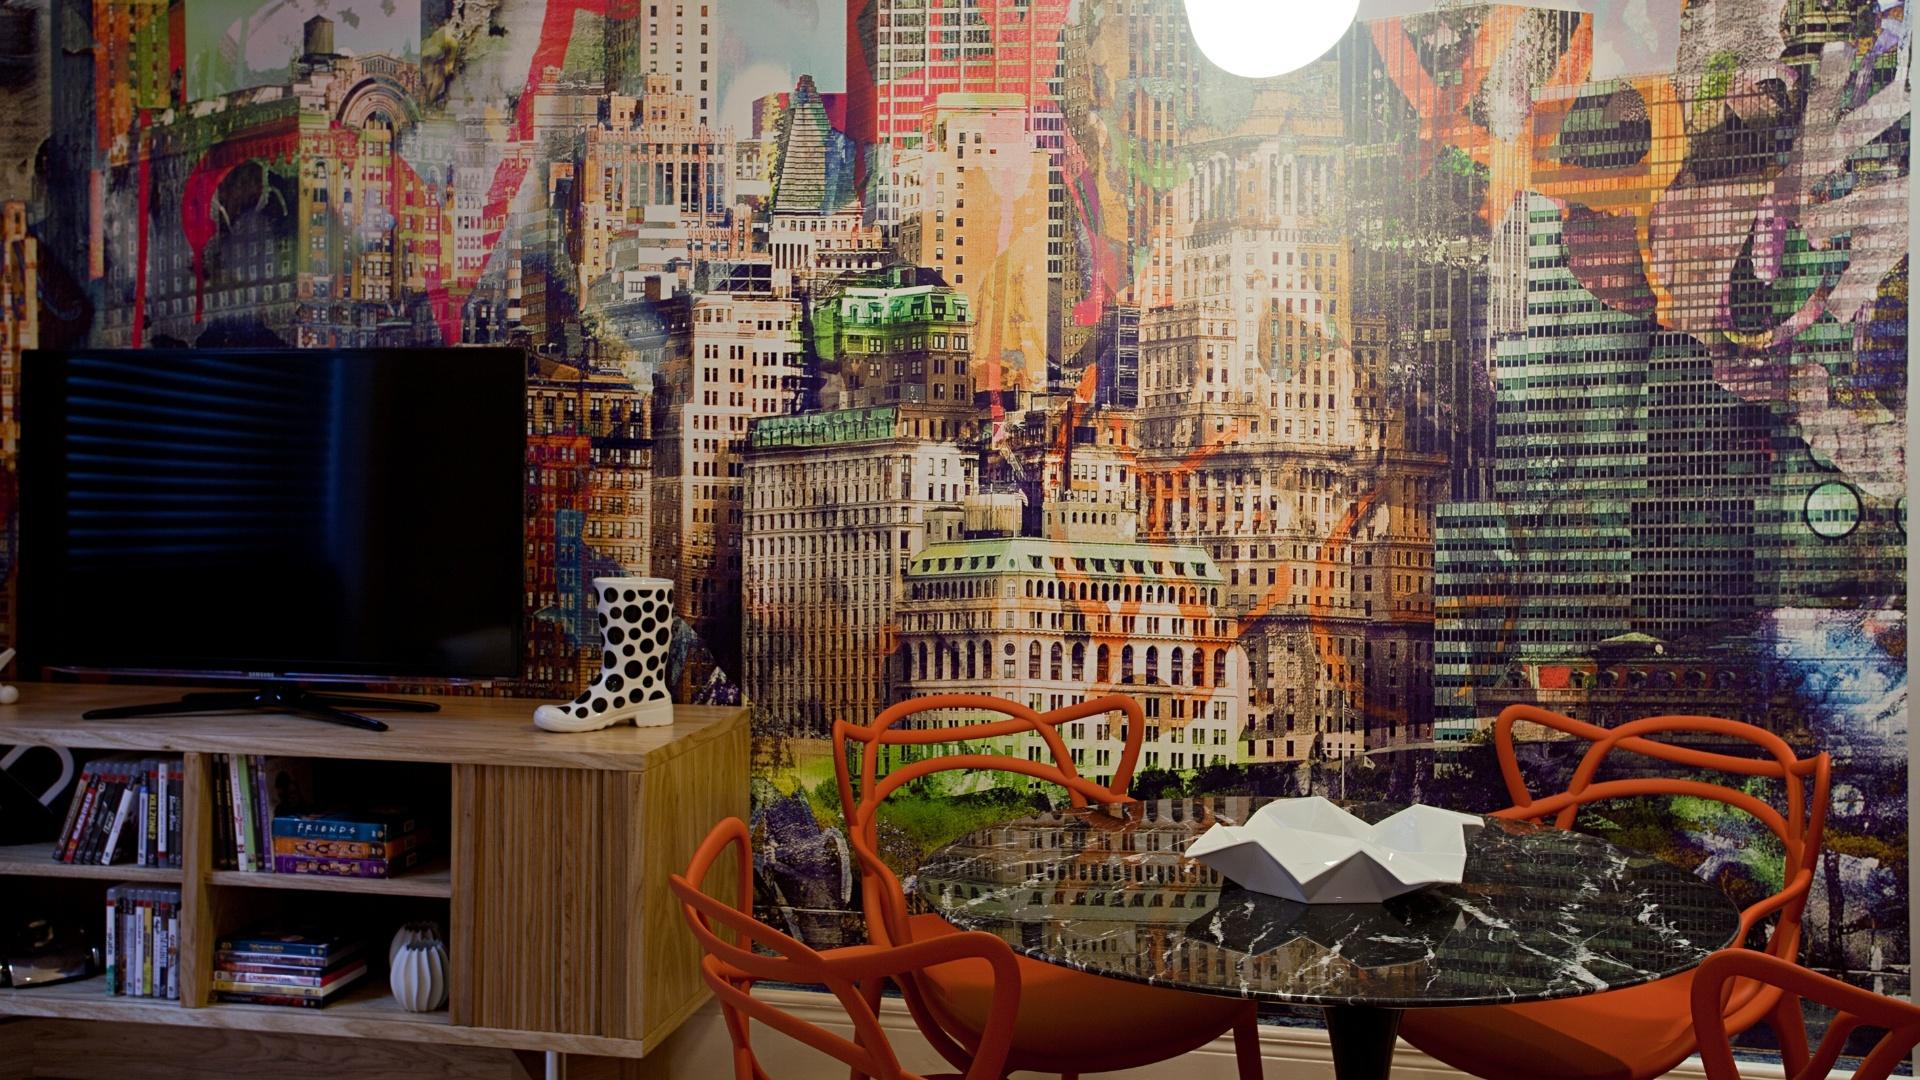 O Apartamento dos Filhos, criado pela arquiteta Marise Marini, divide os 32 m² disponíveis em living (foto), um quarto para o menino de 16 anos e outro para a menina de 14 anos, além de um banheiro que atende aos dois dormitórios. A Casa Cor RJ vai de 03 de outubro a 19 de novembro de 2012, no Rio de Janeiro